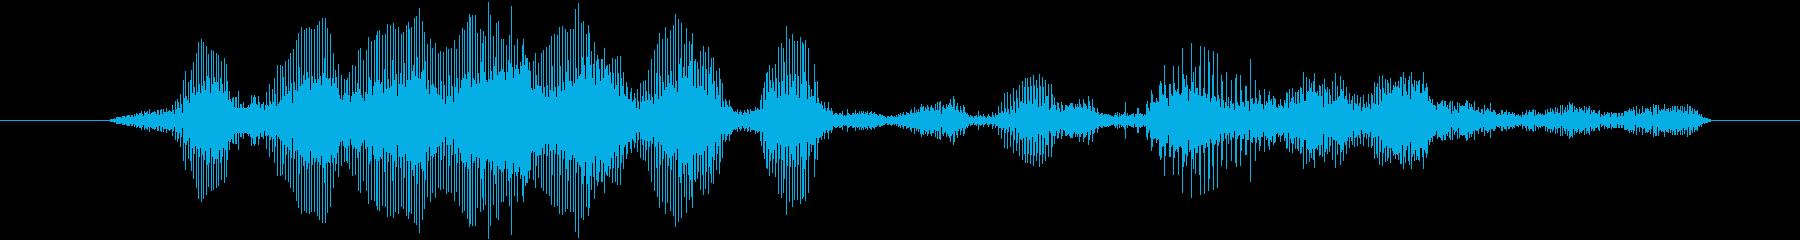 ヤギ Baaingヤギ02の再生済みの波形